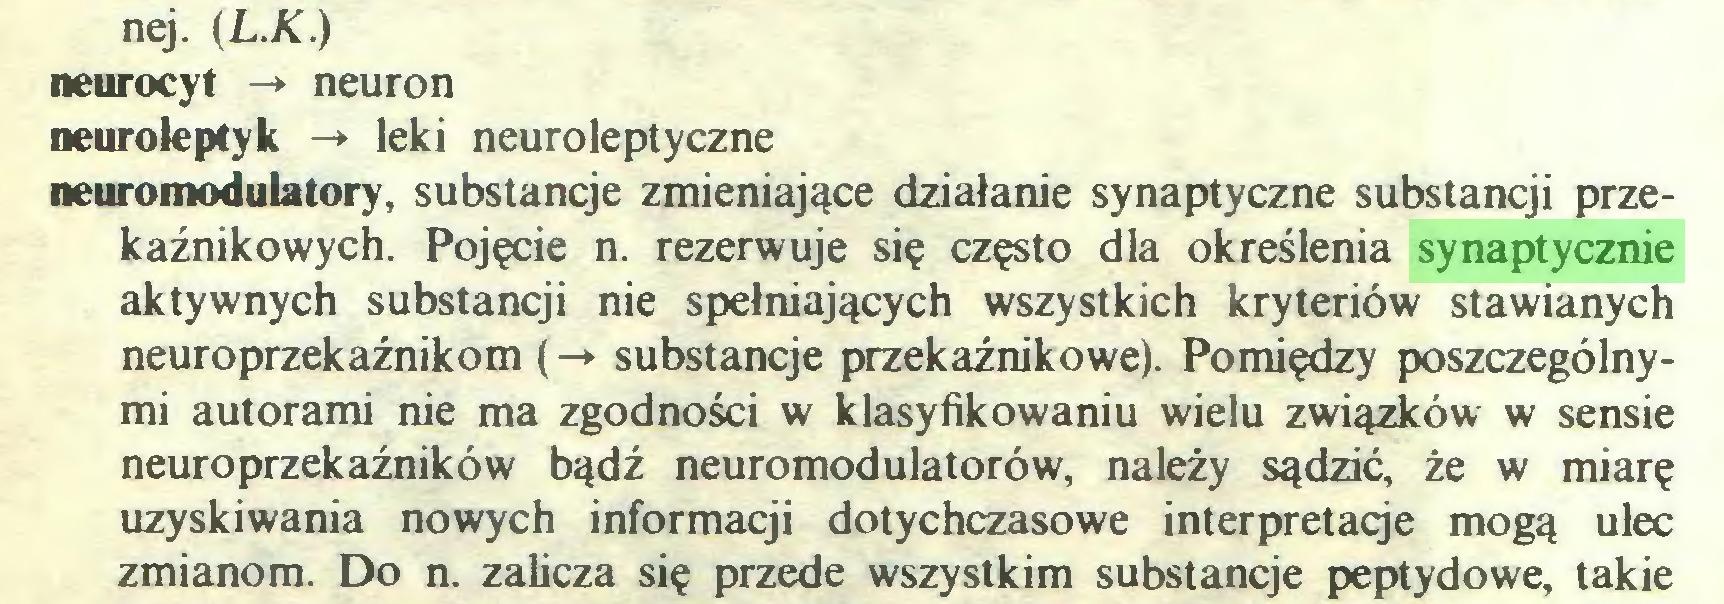 (...) nej. (L.K.) neurocyt -* neuron neuroleptyk -» leki neuroleptyczne neuromodulatory, substancje zmieniające działanie synaptyczne substancji przekaźnikowych. Pojęcie n. rezerwuje się często dla określenia synaptycznie aktywnych substancji nie spełniających wszystkich kryteriów stawianych neuroprzekaźnikom (-> substancje przekaźnikowe). Pomiędzy poszczególnymi autorami nie ma zgodności w klasyfikowaniu wielu związków w sensie neuroprzekaźników bądź neuromodulatorów, należy sądzić, że w miarę uzyskiwania nowych informacji dotychczasowe interpretacje mogą ulec zmianom. Do n. zalicza się przede wszystkim substancje peptydowe, takie...